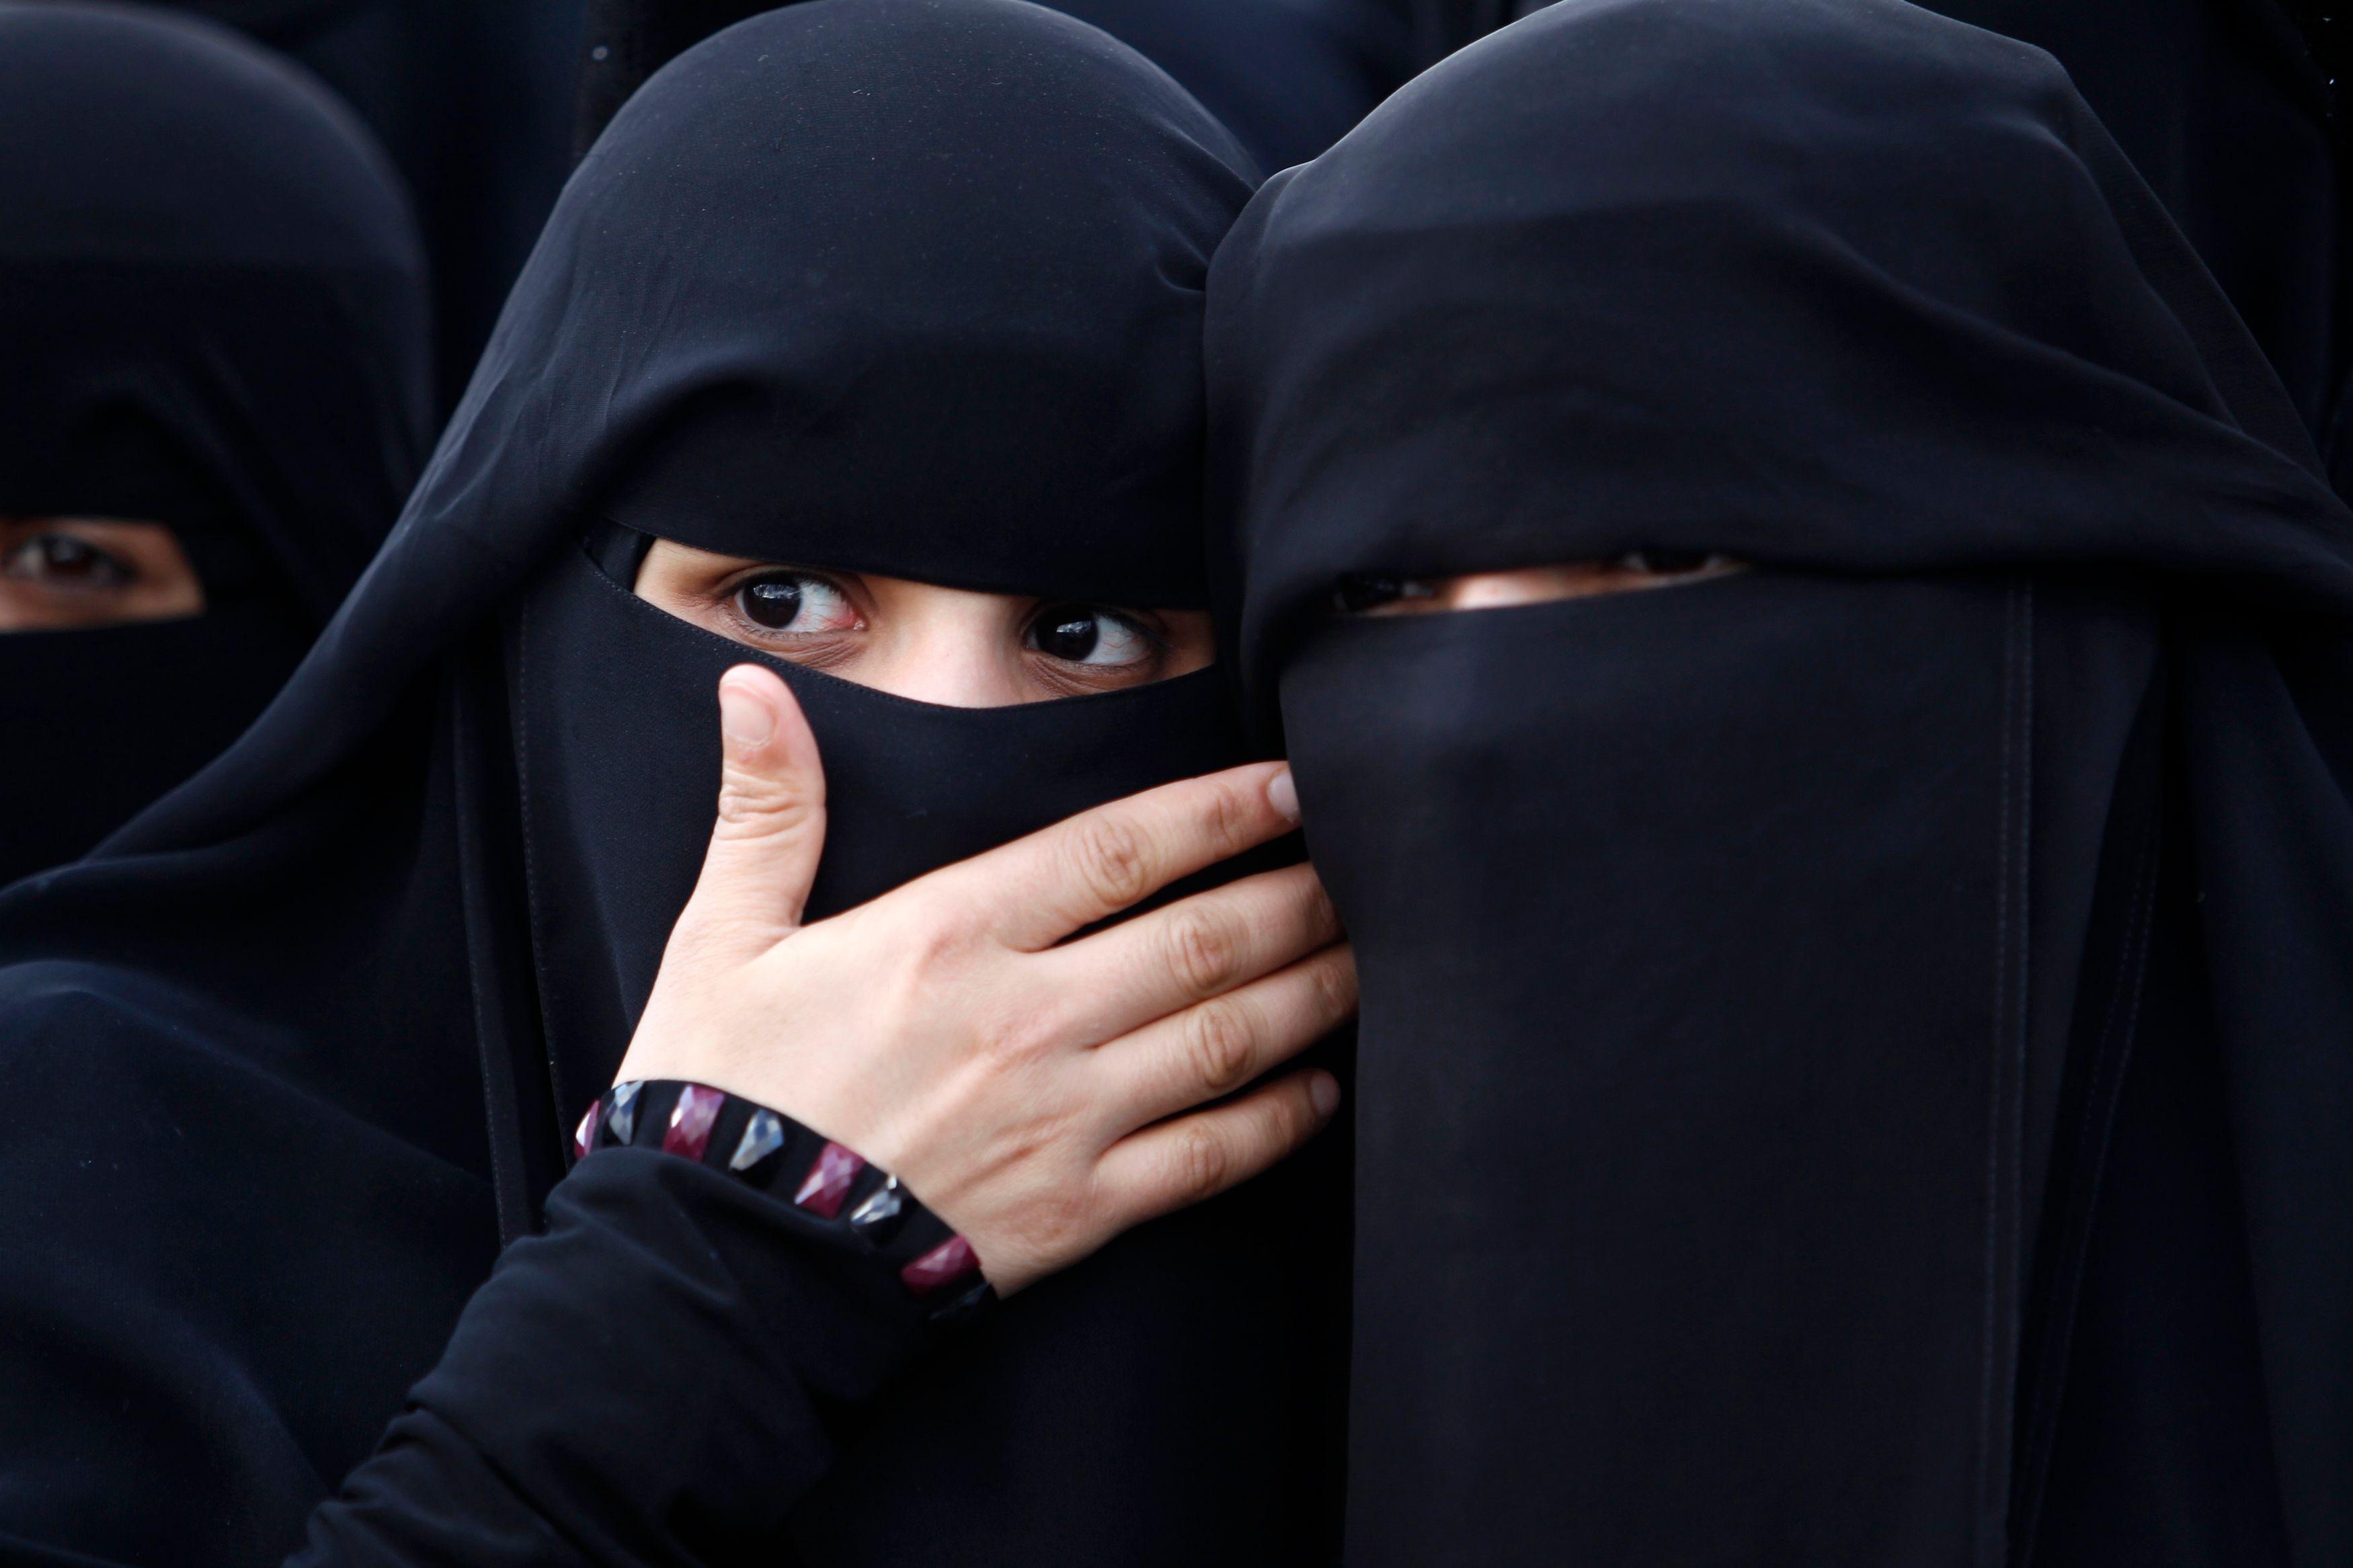 iPhone X : Apple accusé de mener une guerre contre le niqab